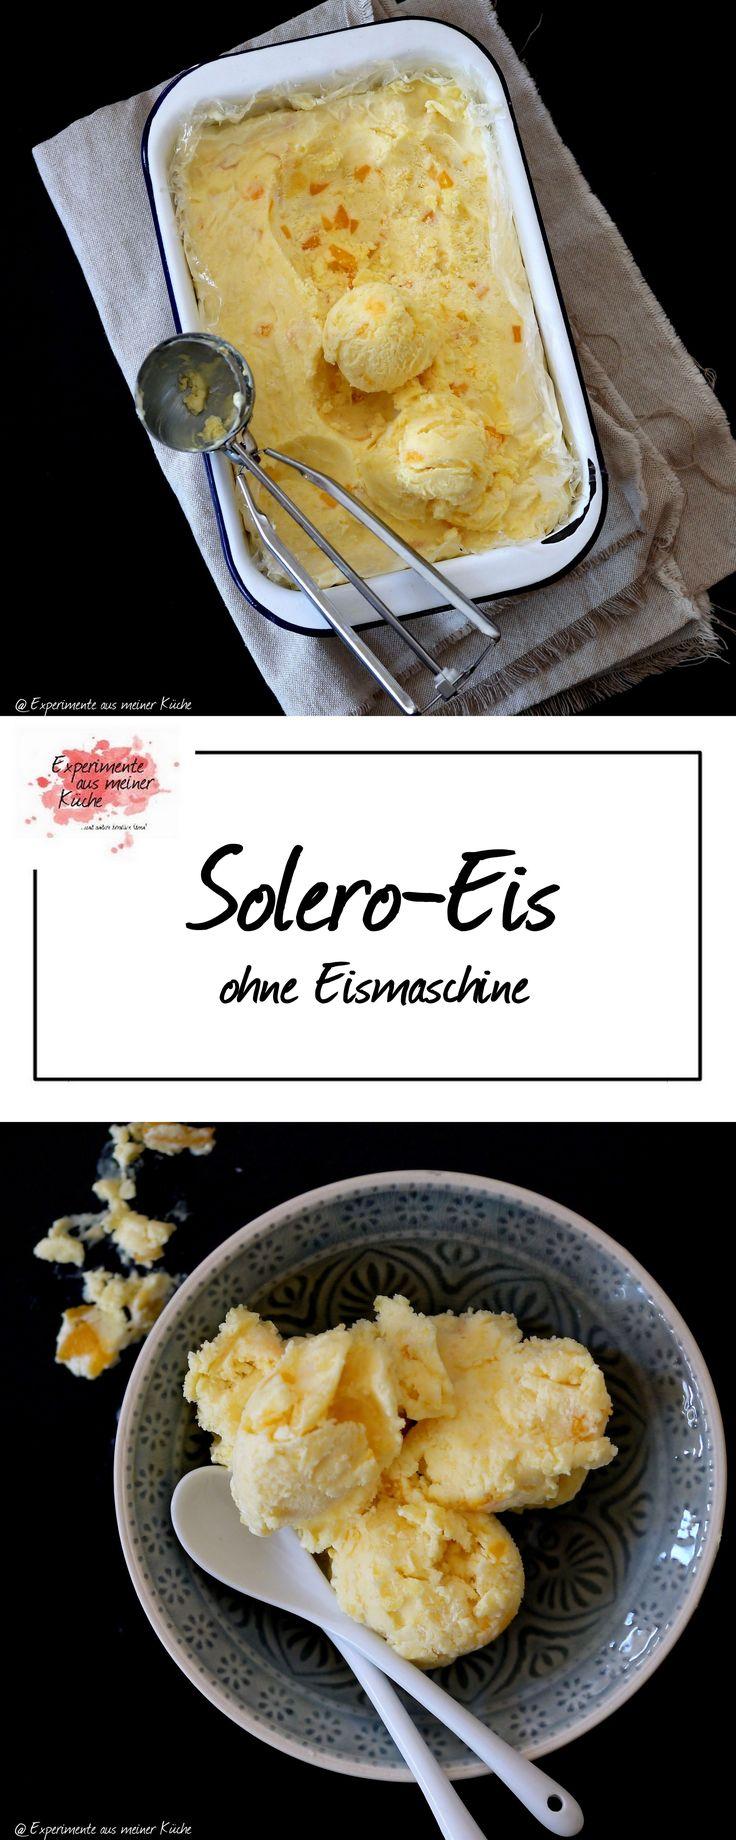 Solero-Eis ohne Eismaschine | Rezept